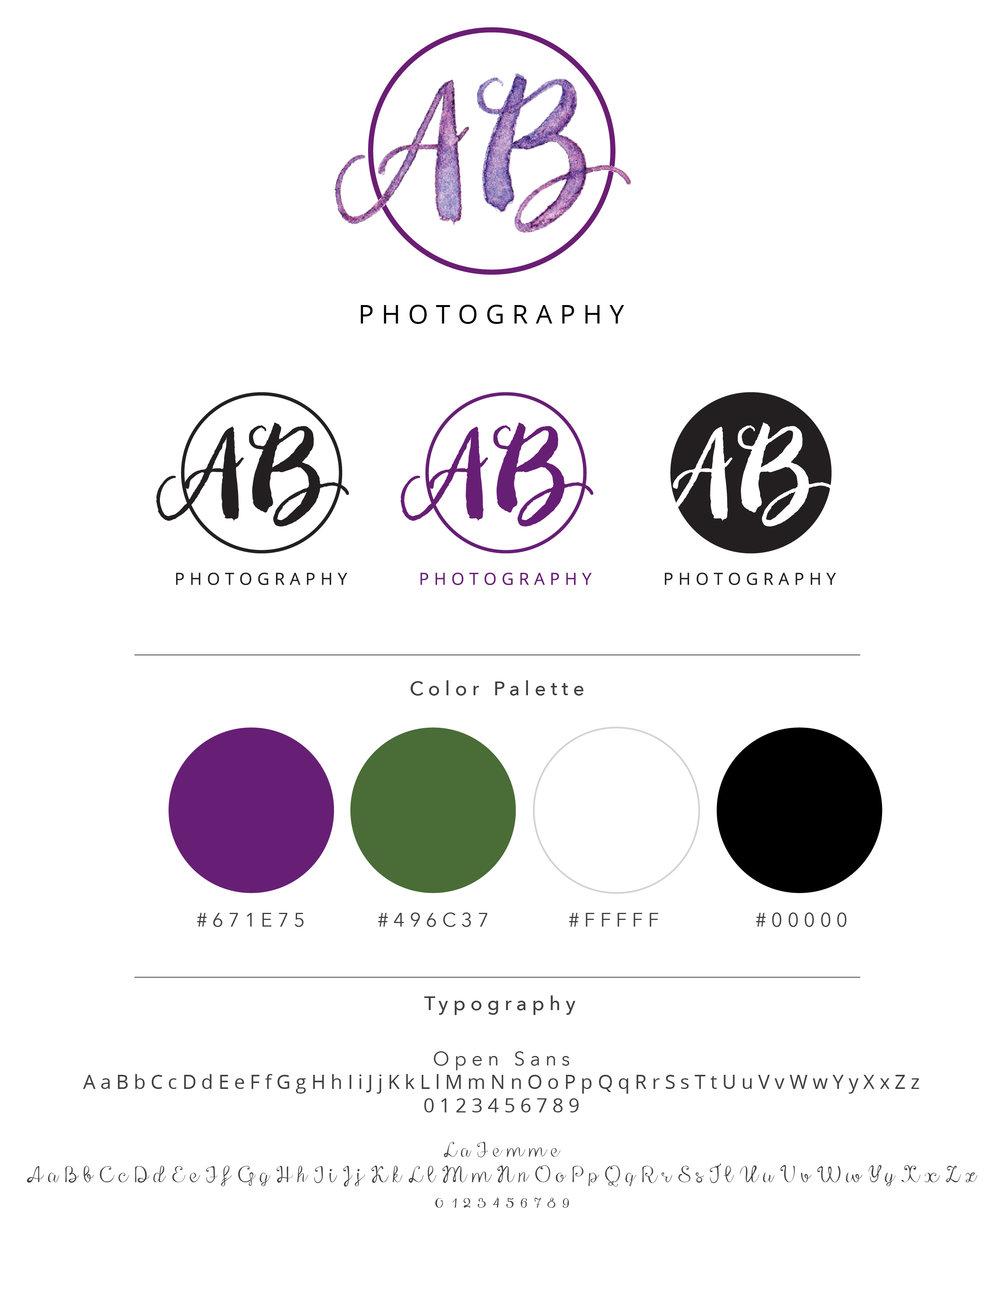 logo, logo design, brand, branding, watercolor logo, handdrawn logo, photographer logo, photography logo